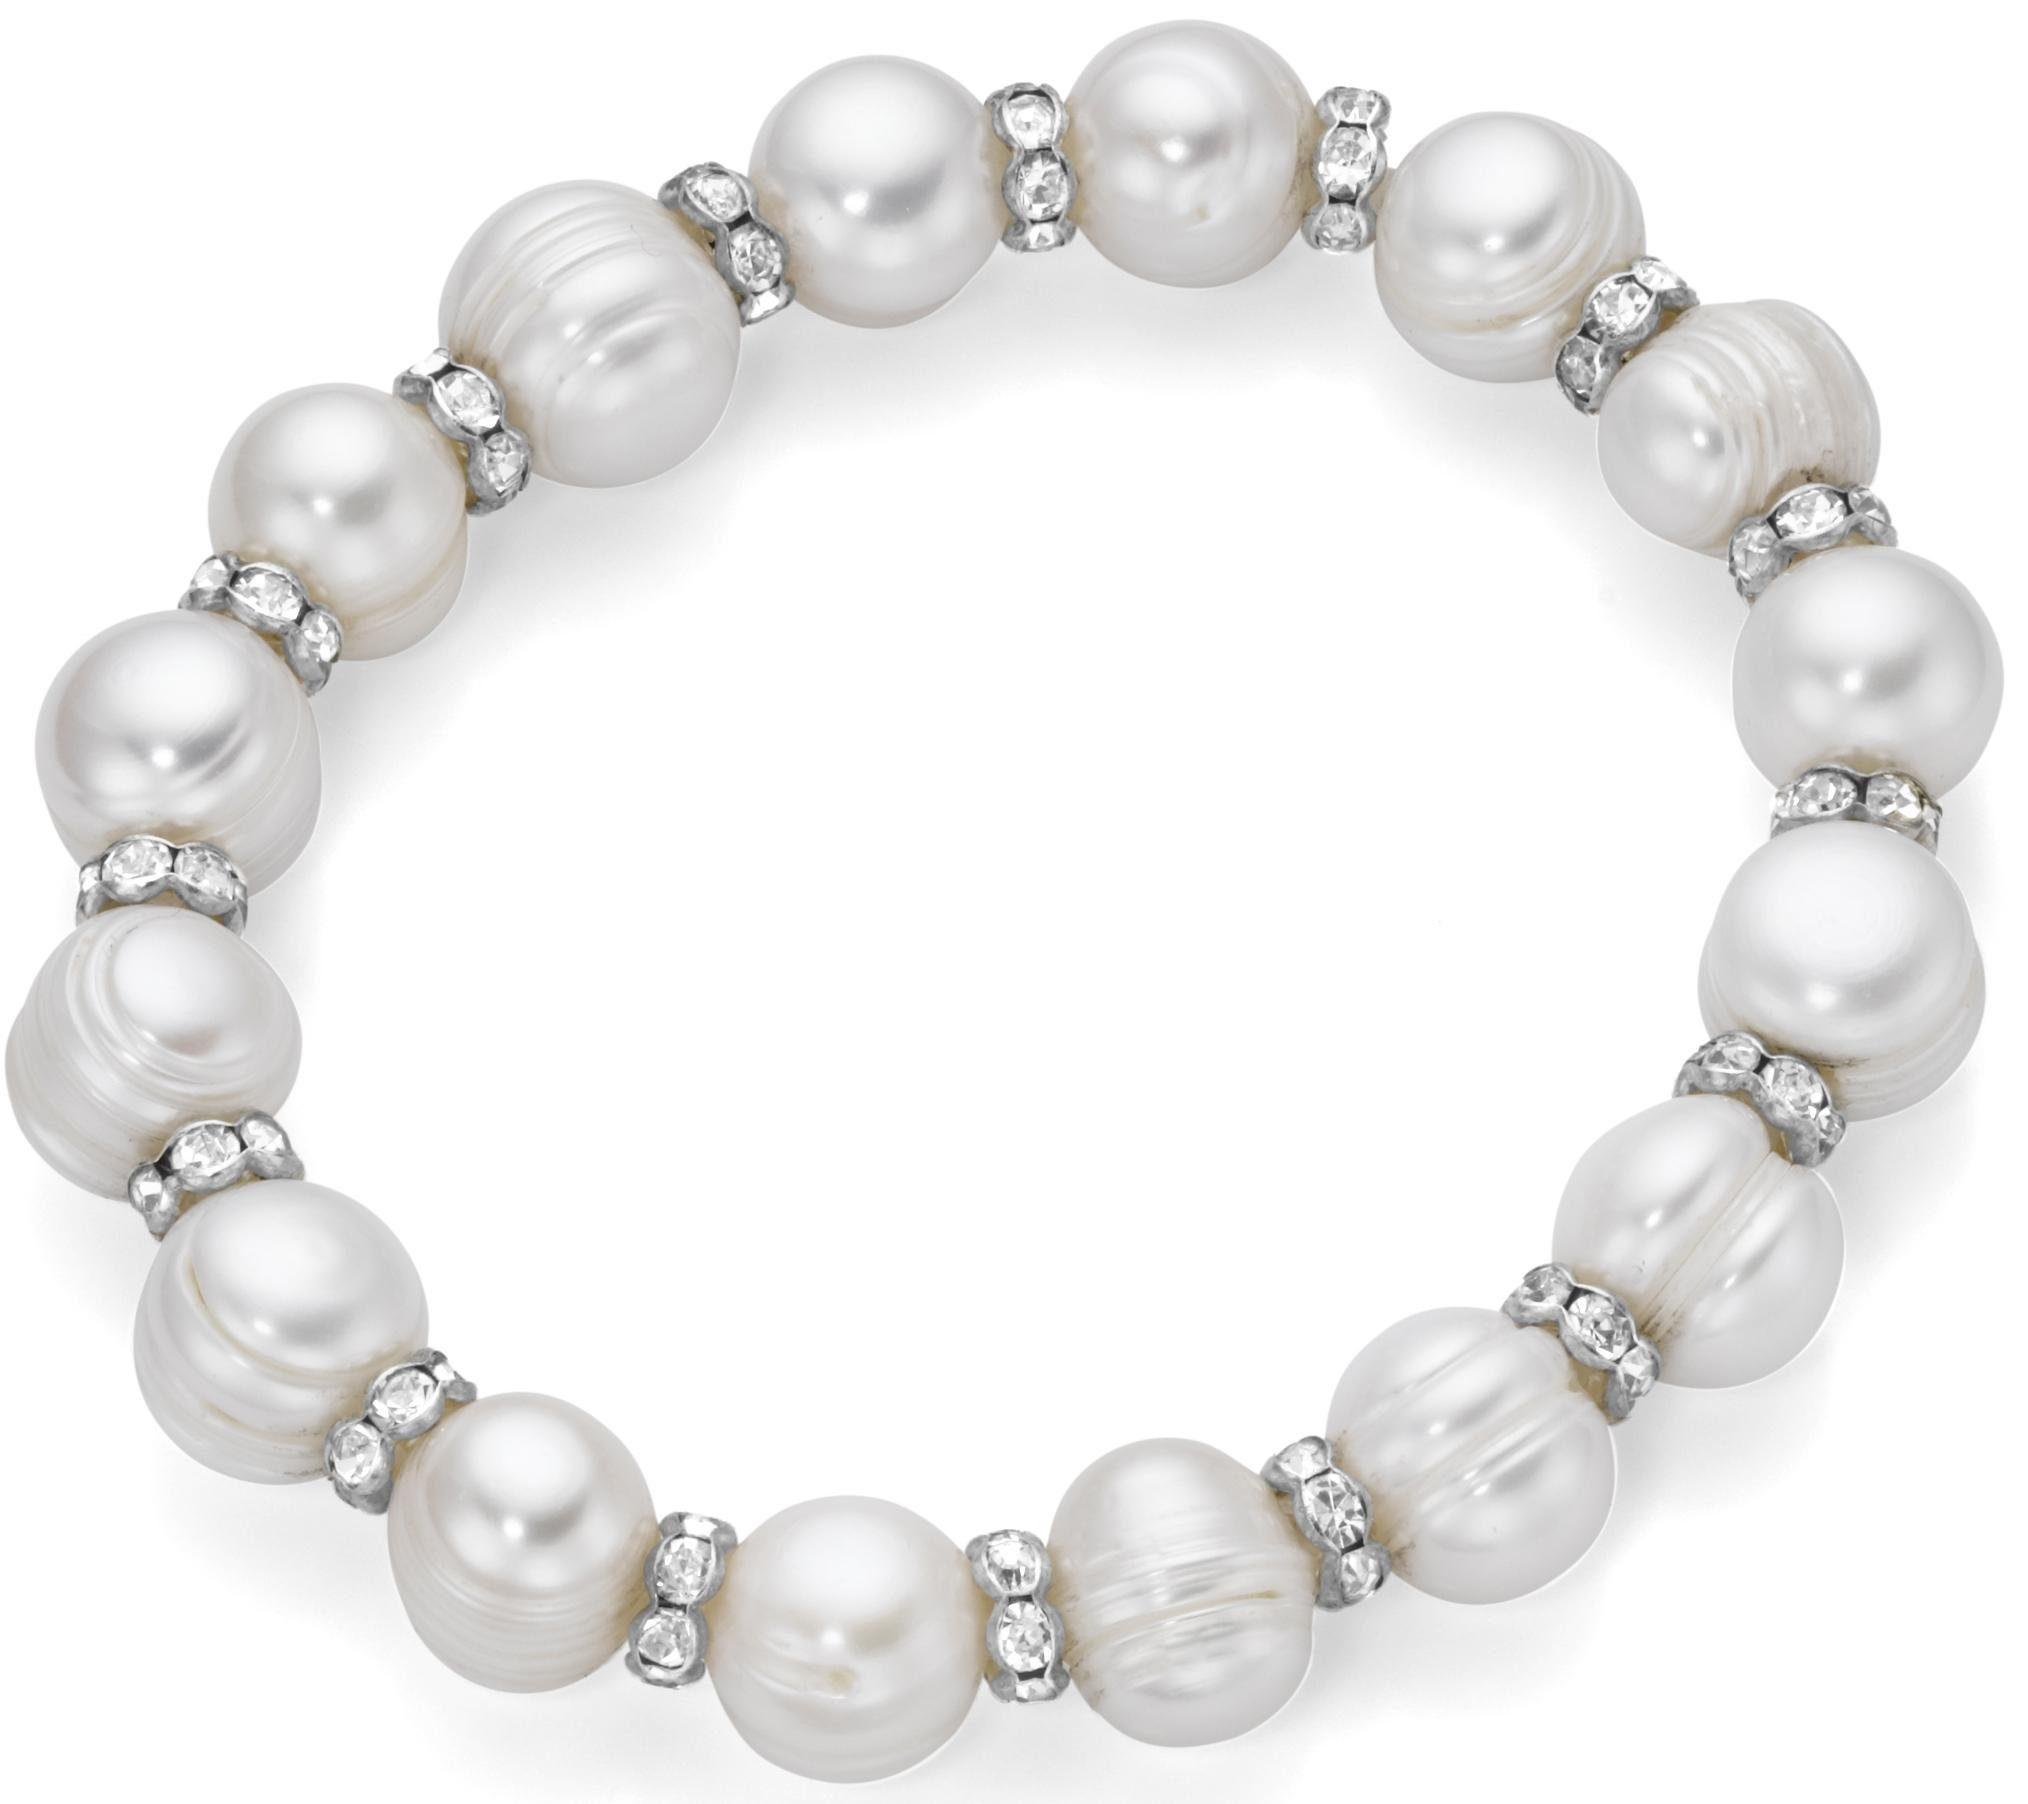 Firetti Perlenarmband, mit Süßwasserzuchtperlen und Kristallsteinen